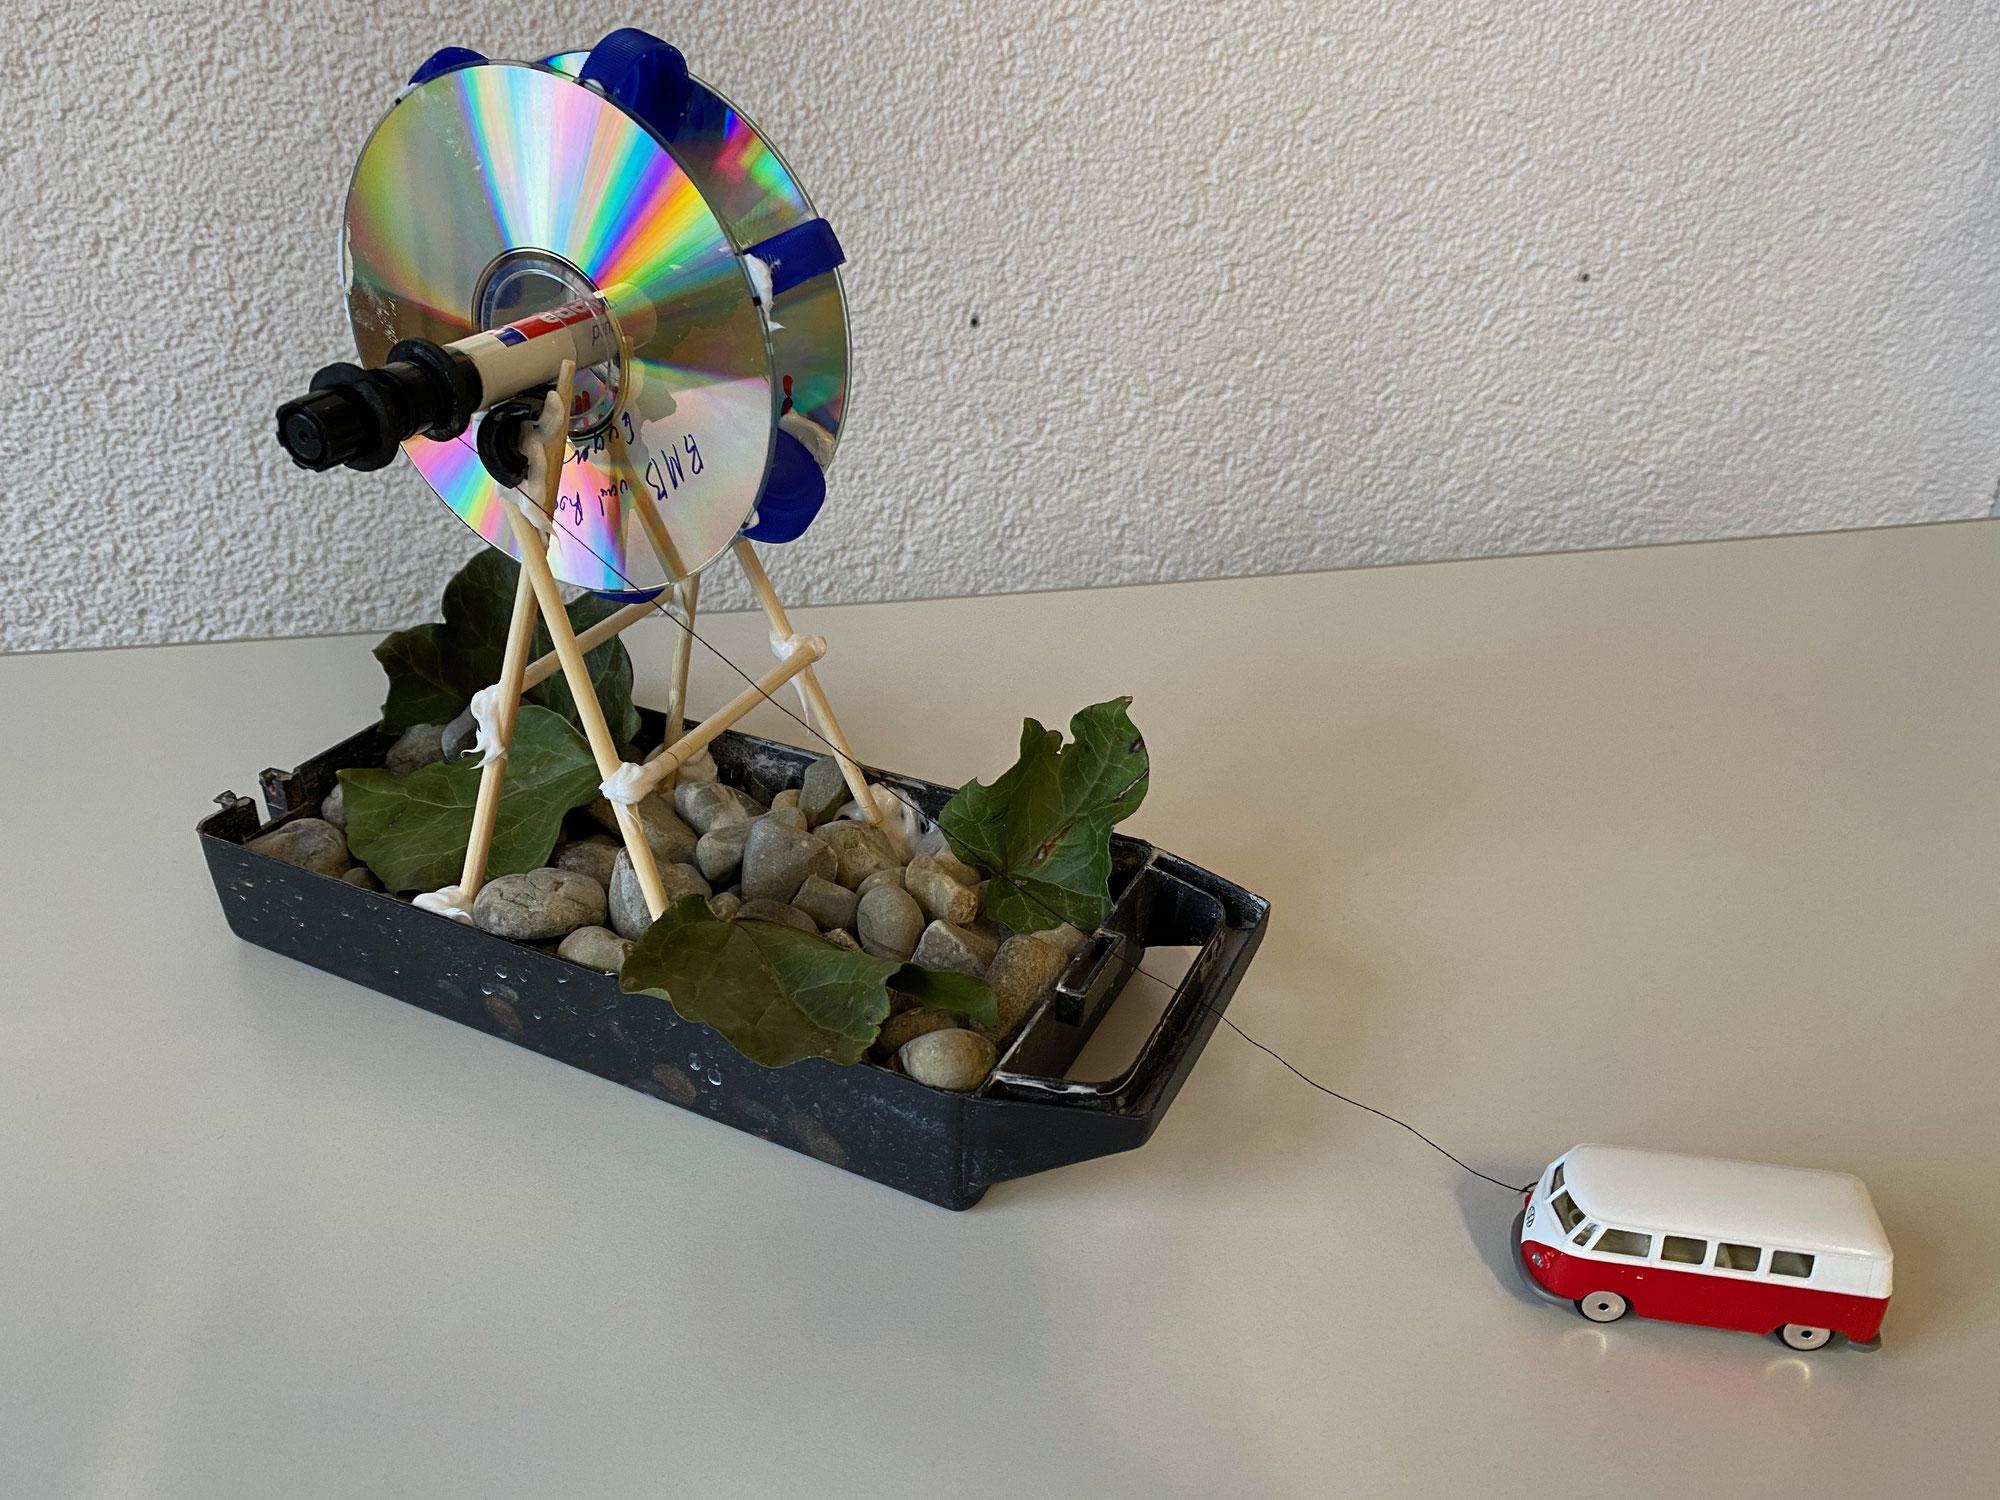 Projekt Modellbau - regenerative Energie